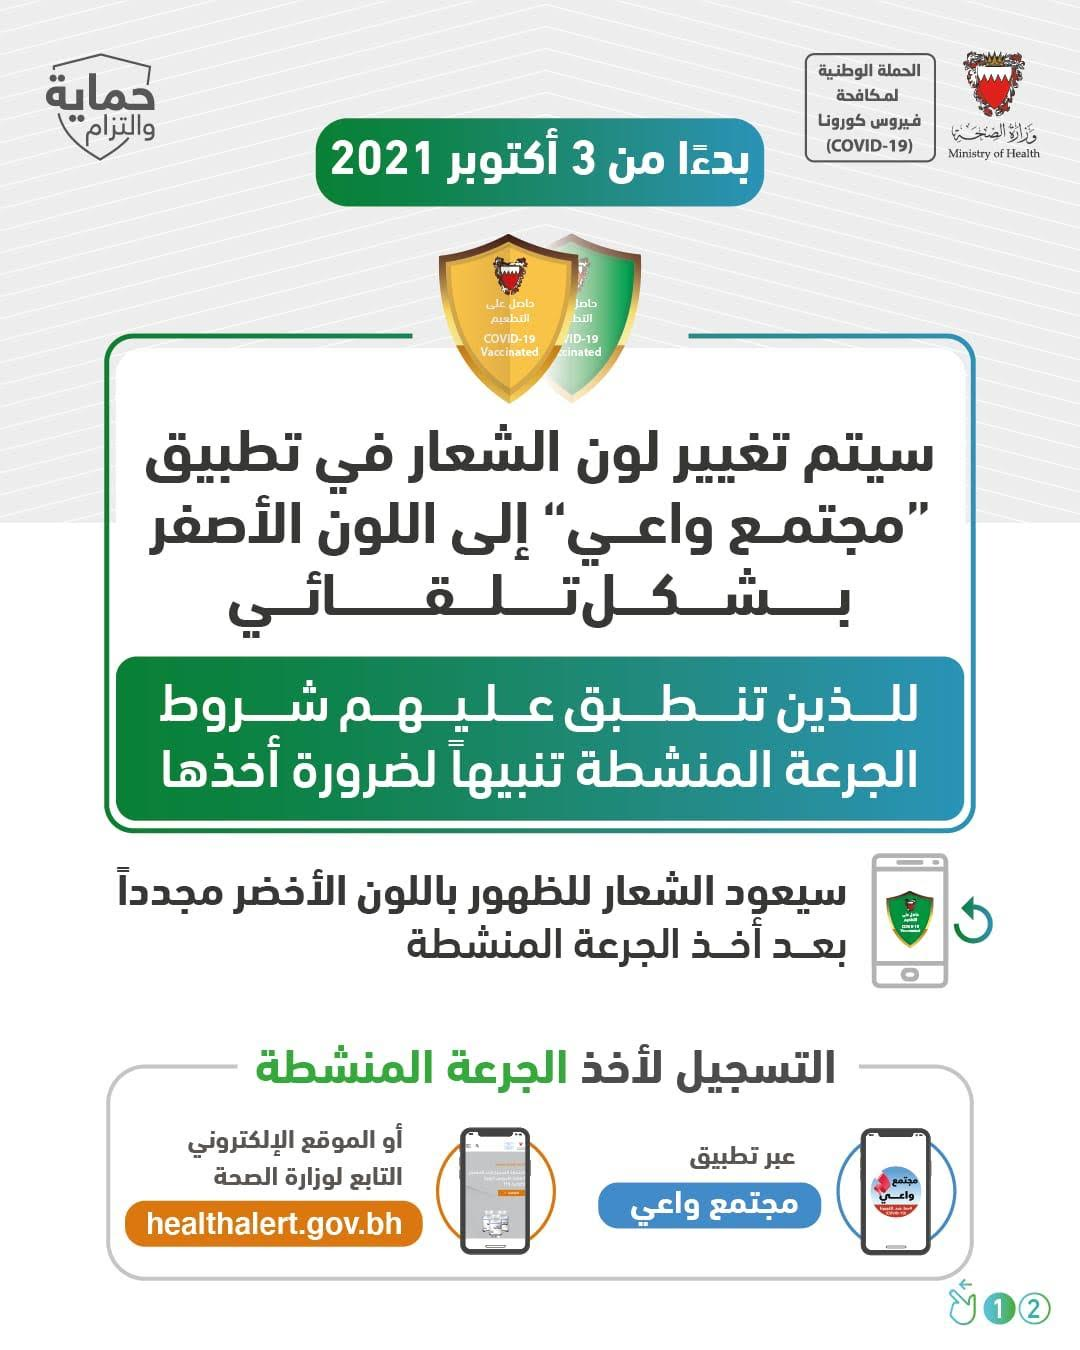 """وزارة الصحة: """"تغيير لون الشعار في تطبيق """"مجتمع واعي"""" إلى اللون الأصفر بشكل تلقائي لجميع المؤهلين لأخذ الجرعة المنشطة بدءاً من 3 أكتوبر 2021م"""""""